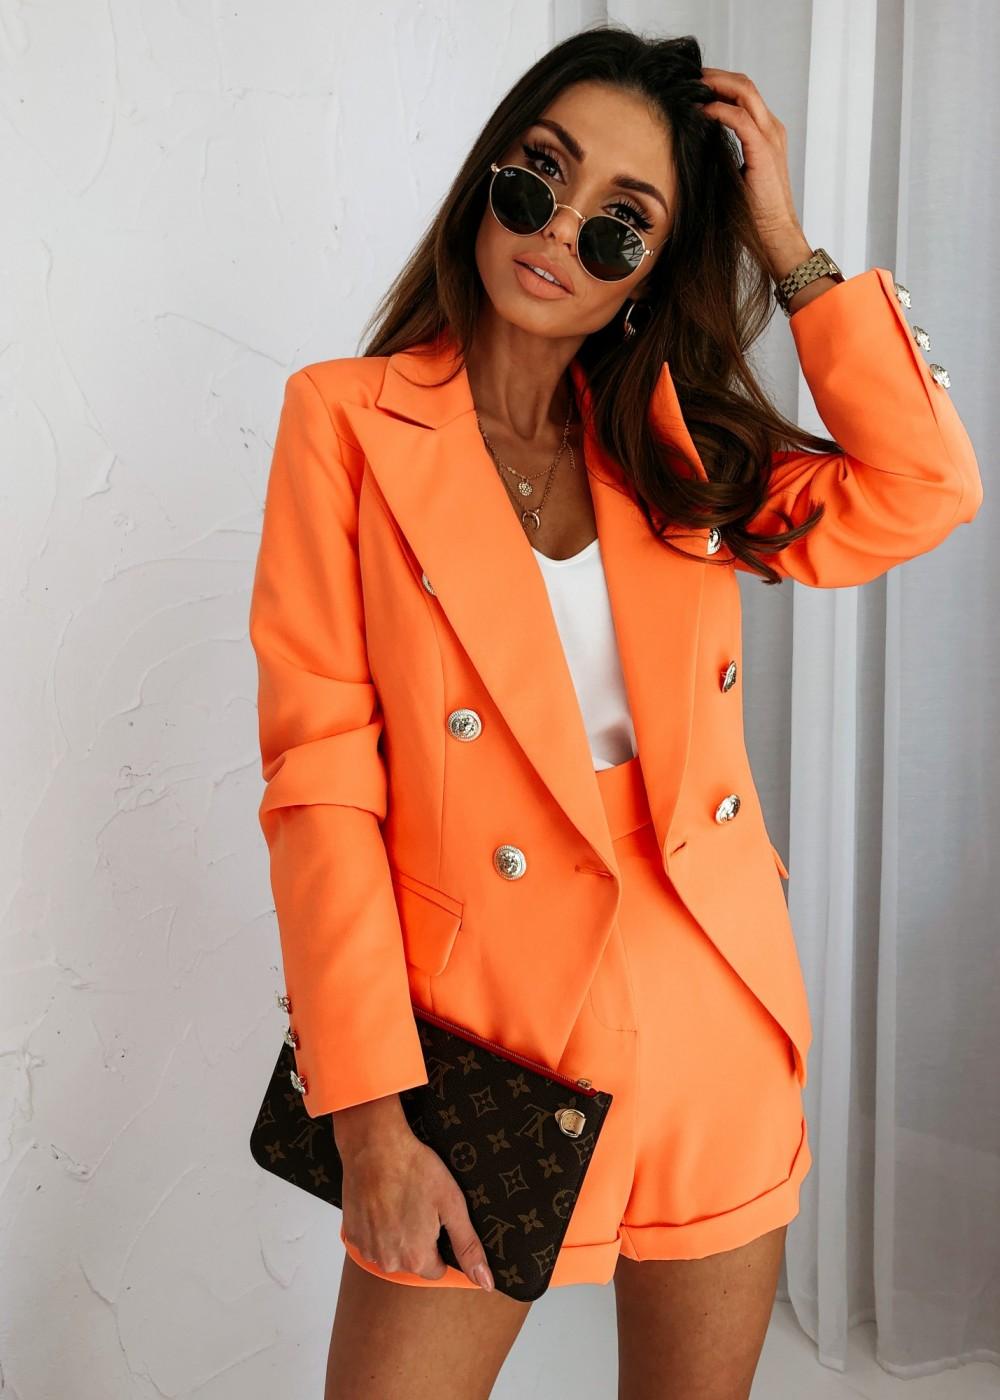 MARYNARKA BALMAI - orange